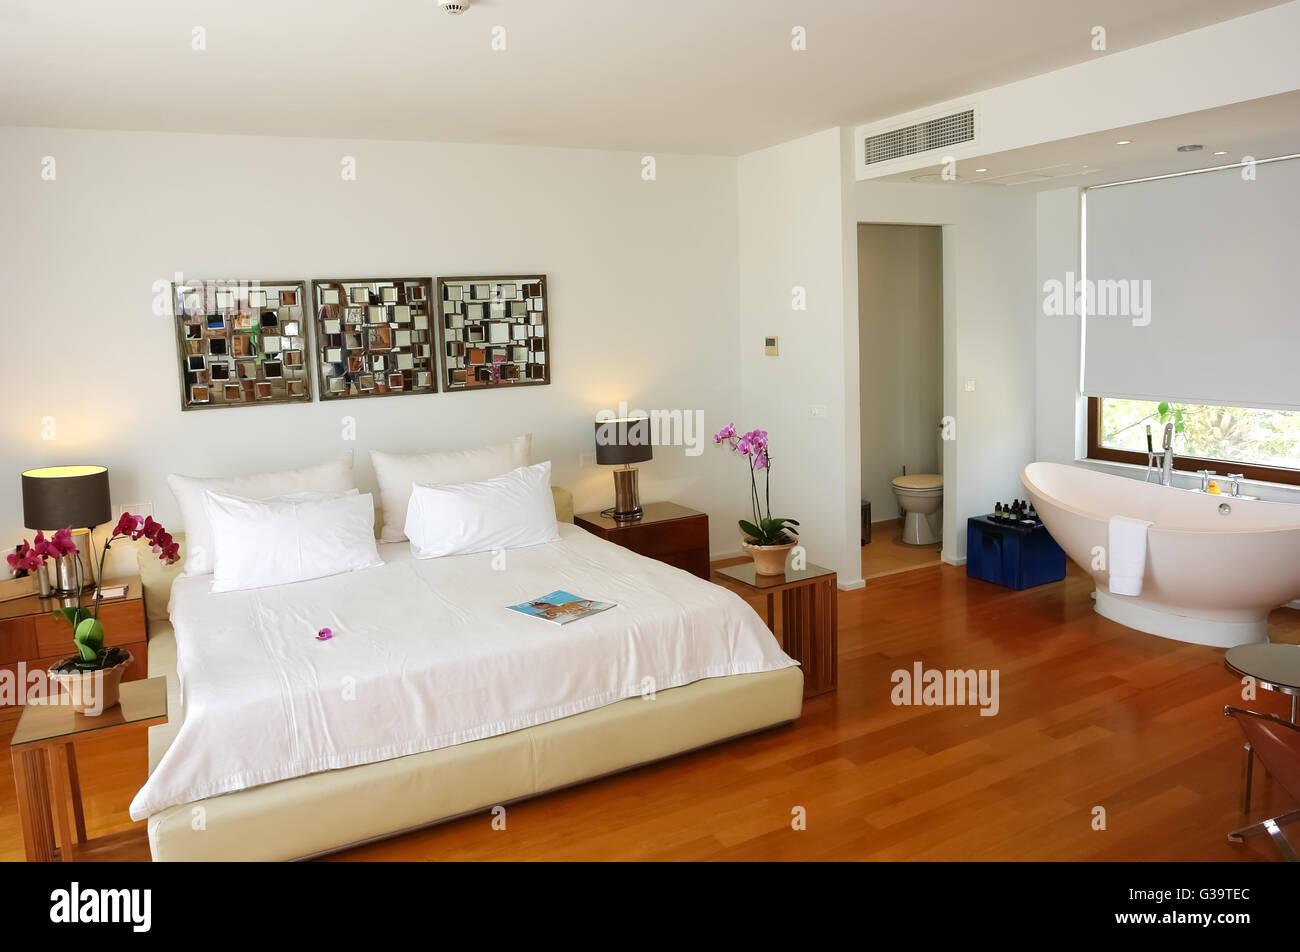 HERAKLION, Creta, Grecia - 13 Maggio 2014: l'interno camera con un grande letto matrimoniale e bagno in un moderno Immagini Stock